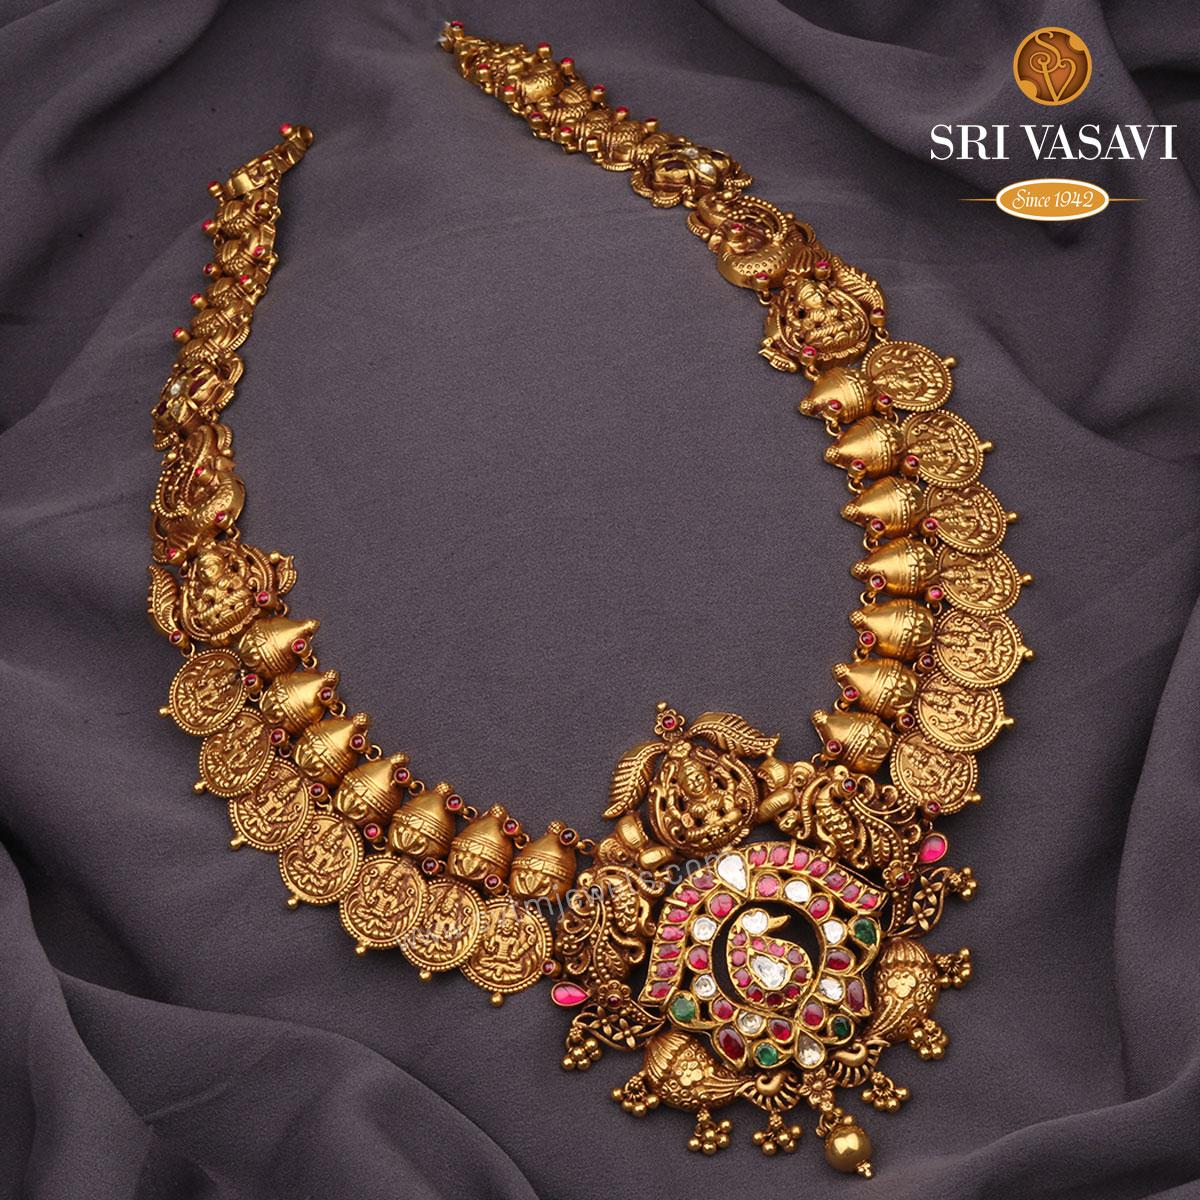 Shraddha Long Necklace